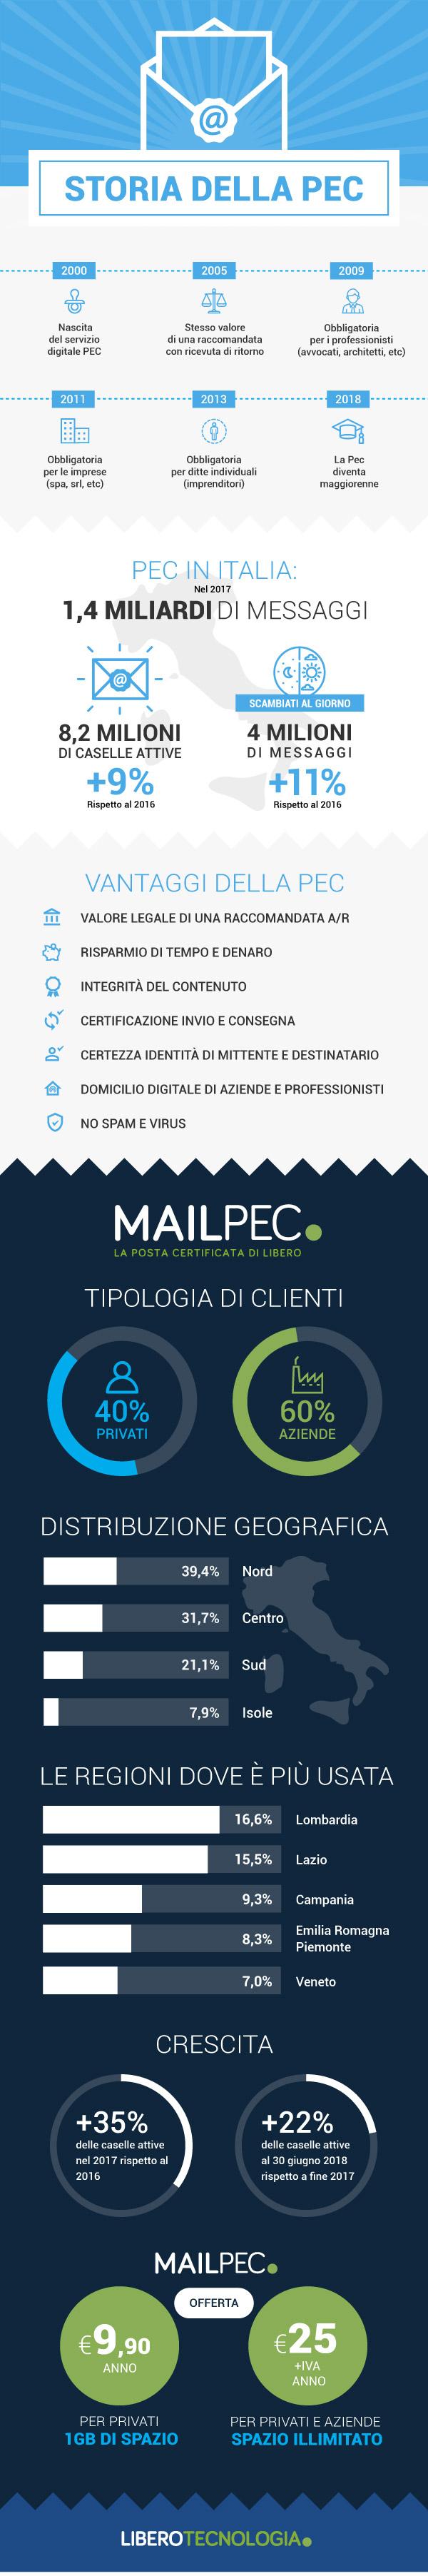 04_infografica_Mailpec